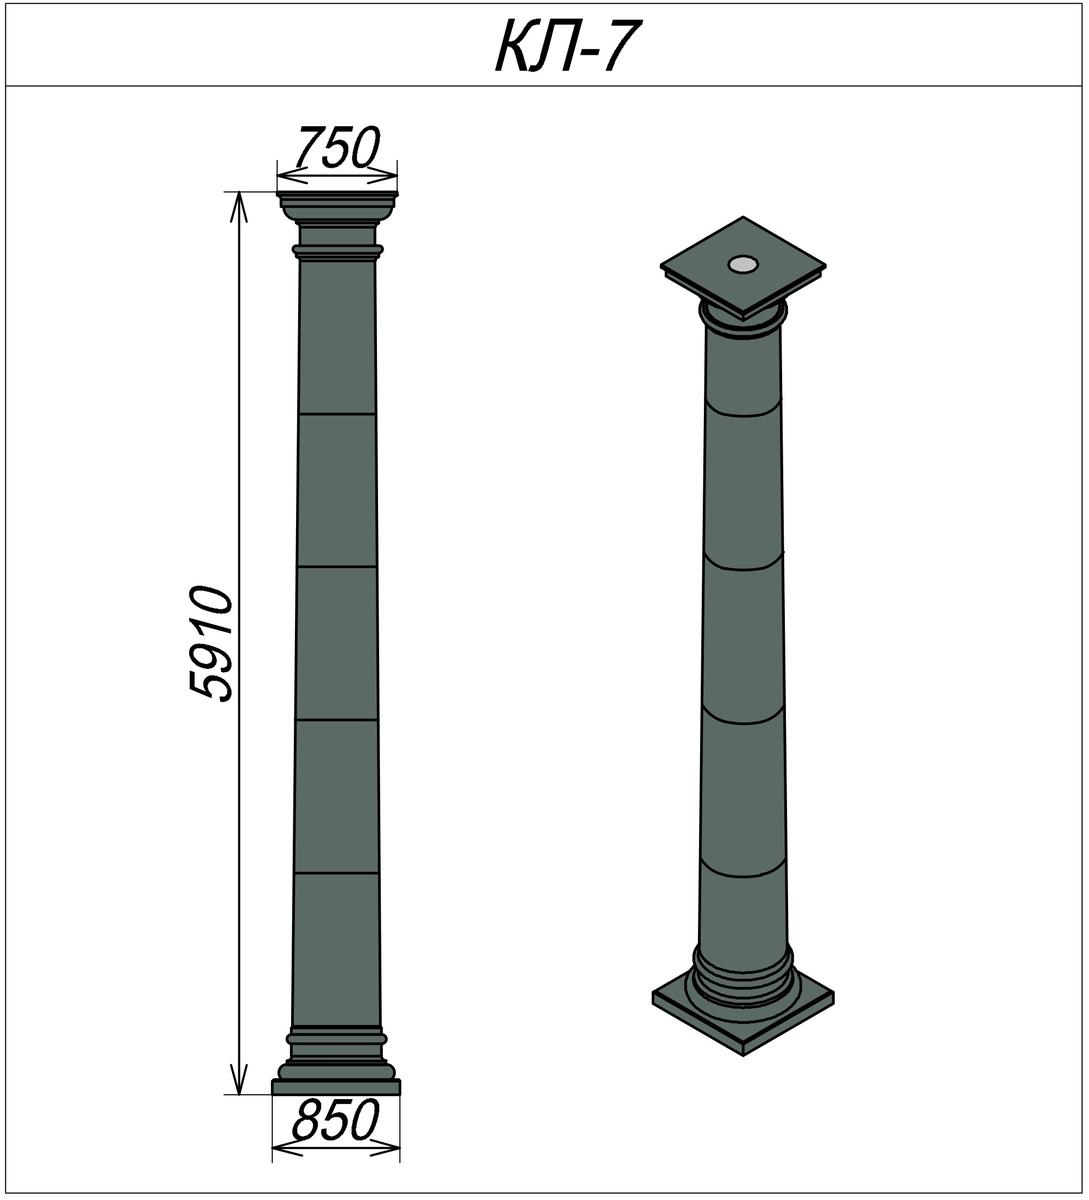 Декоративный элемент в виде колонны КЛ-7